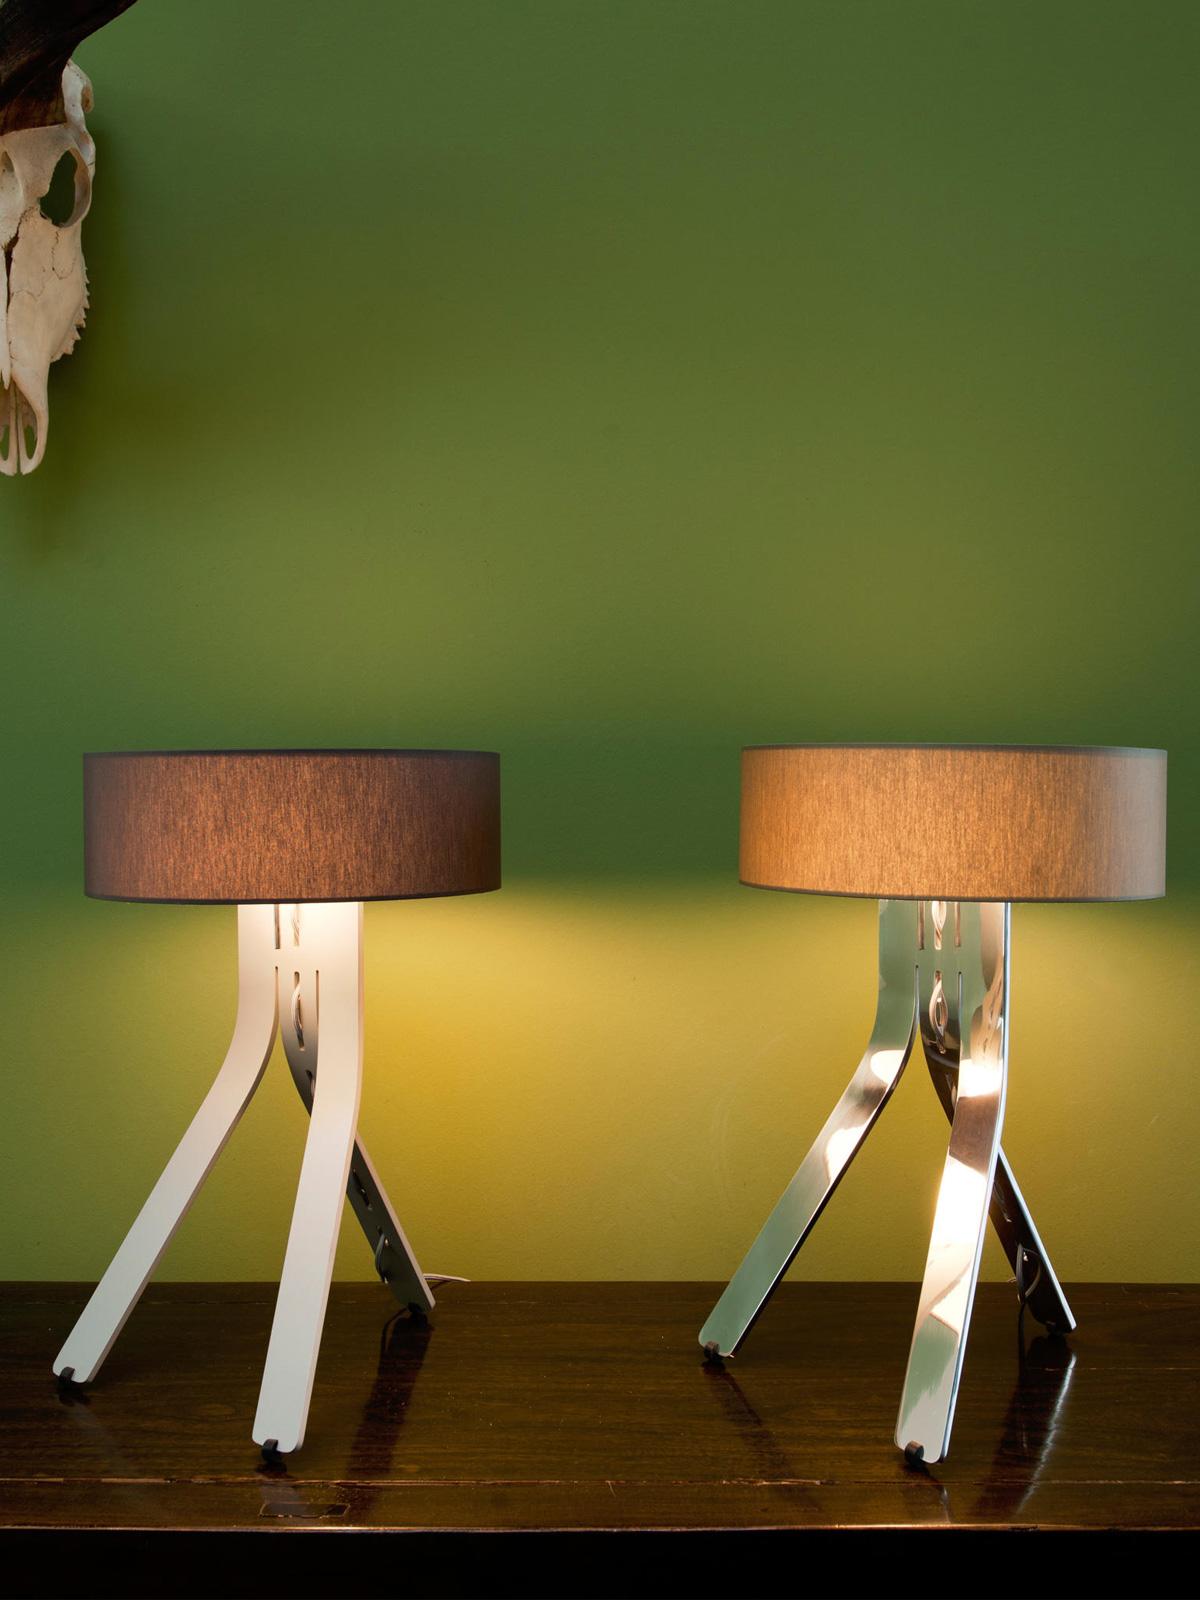 BYOK FINO Tischleuchte DeisgnOrt Onlineshop Licht Leuchten Designerlampen K B FORM